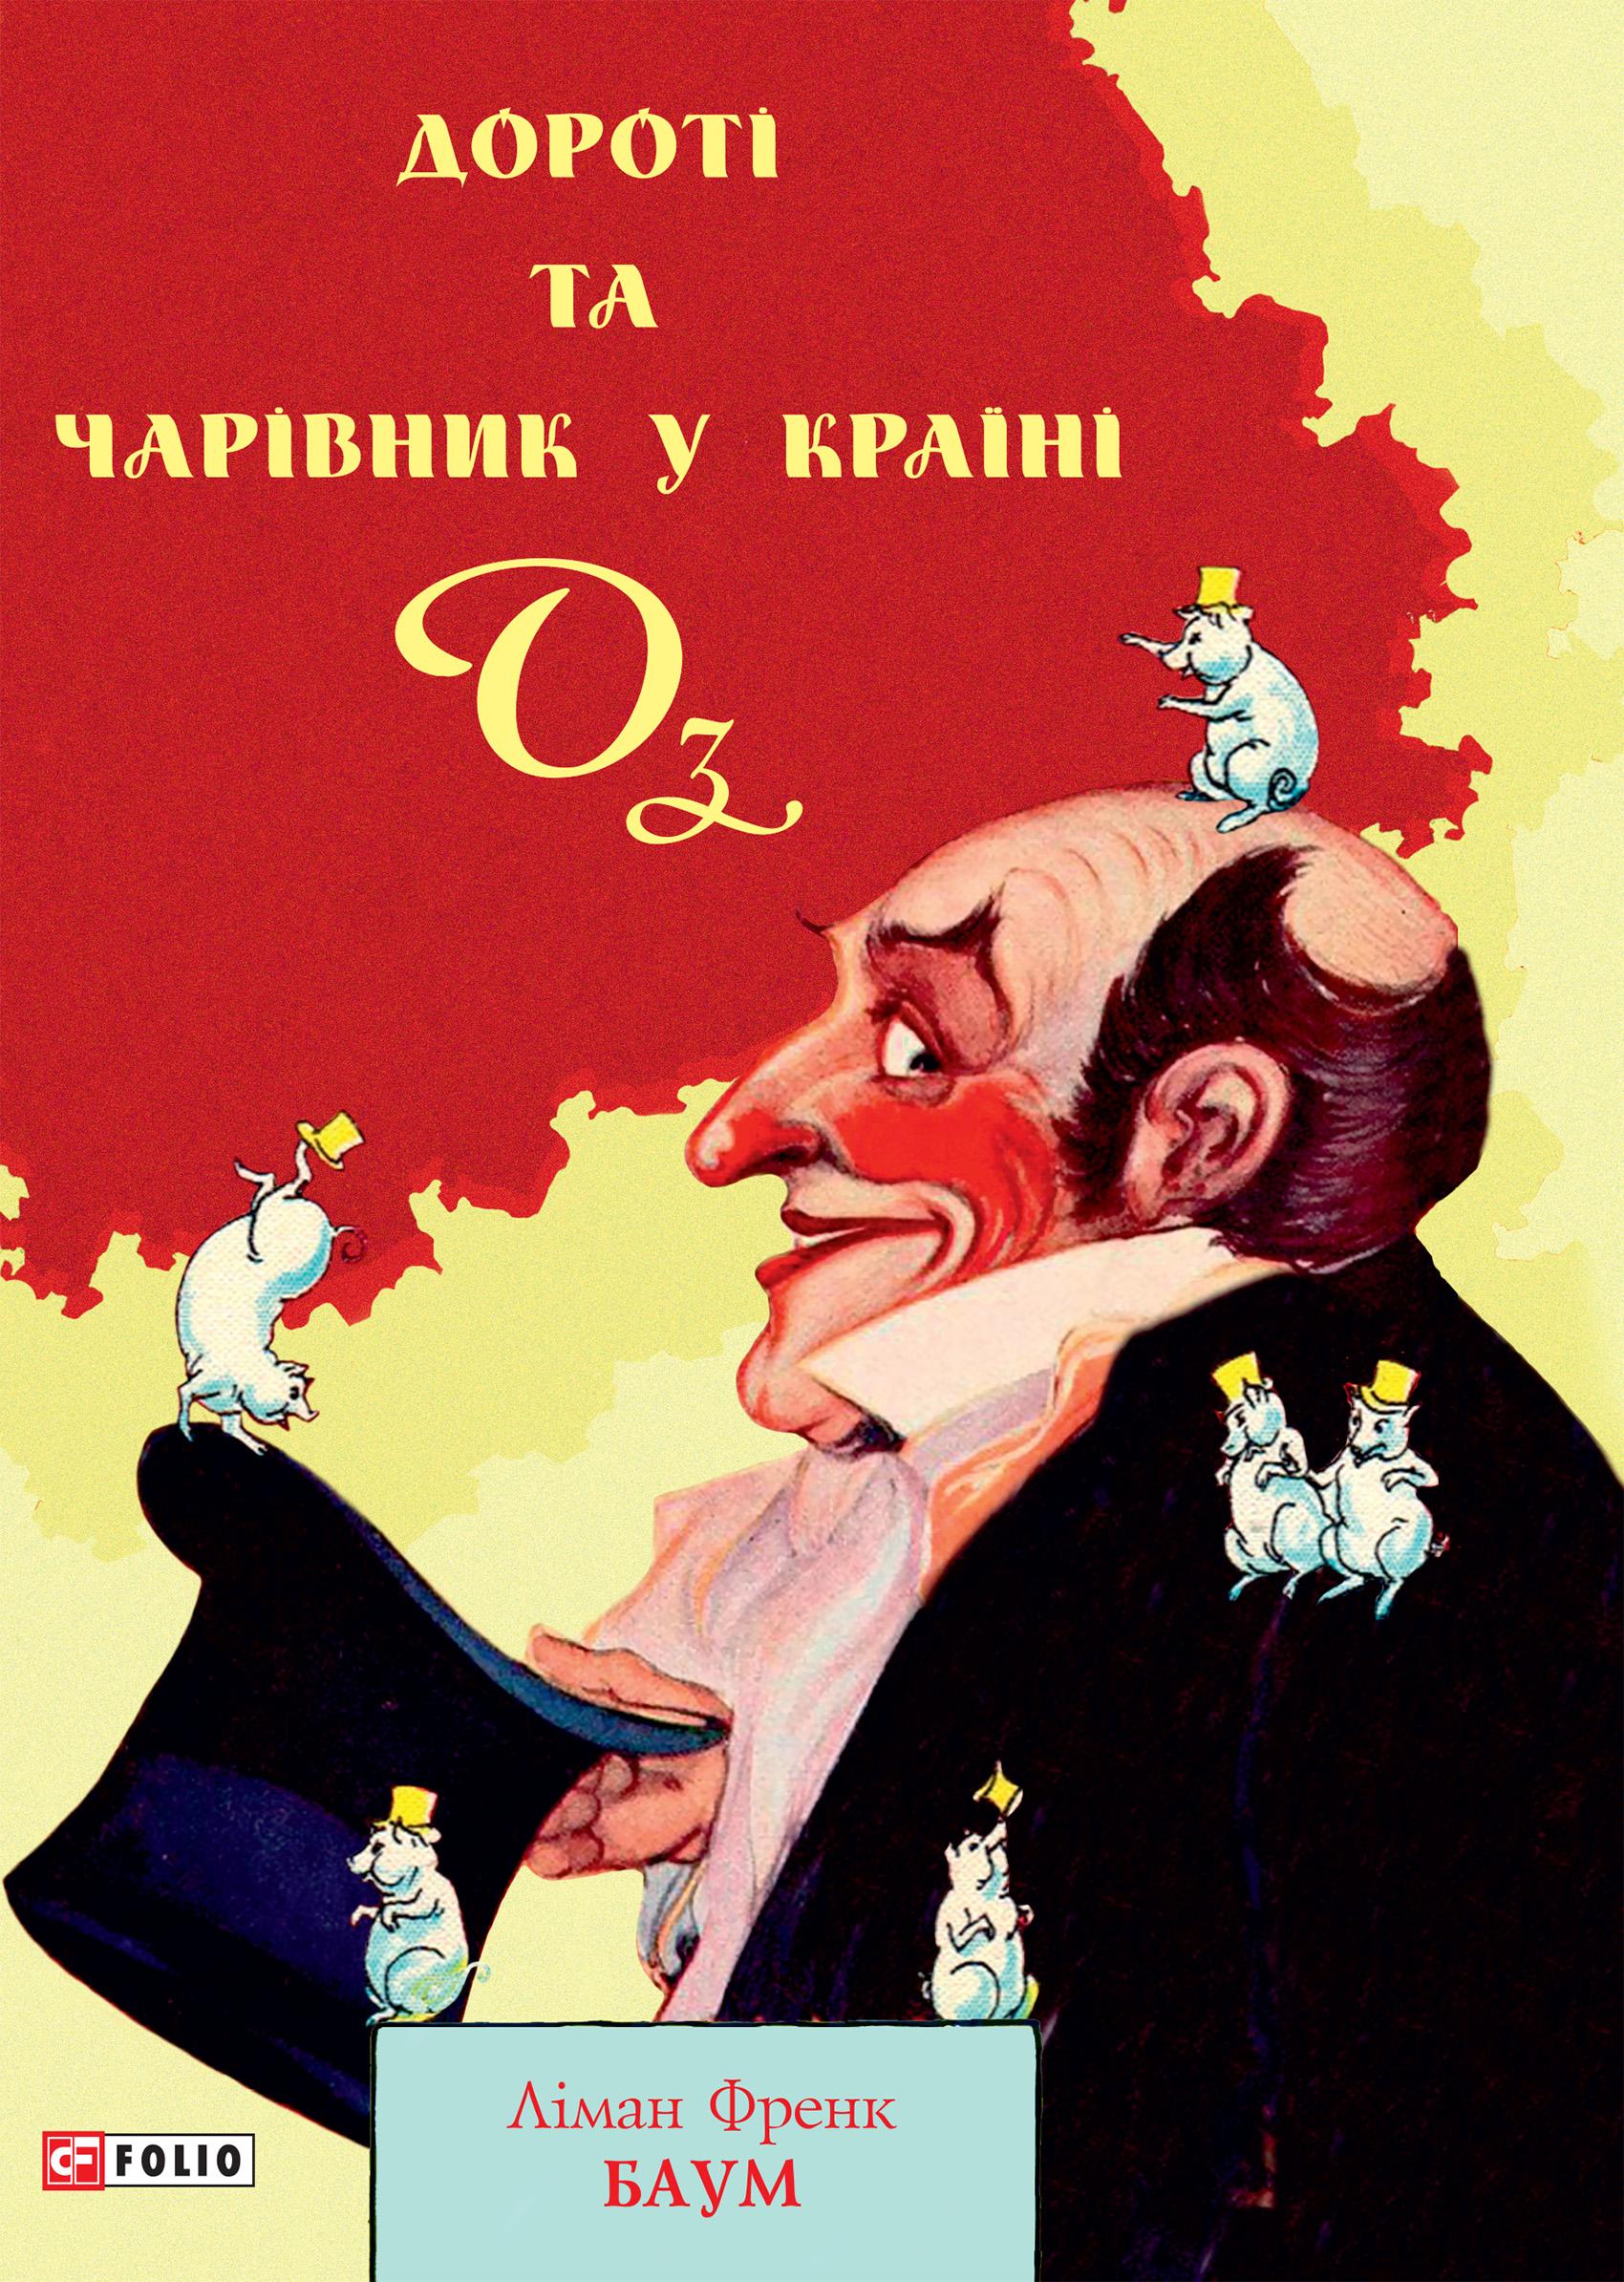 Купить книгу Дороті та Чарівник у Країні Оз, автора Лаймена Фрэнка Баума